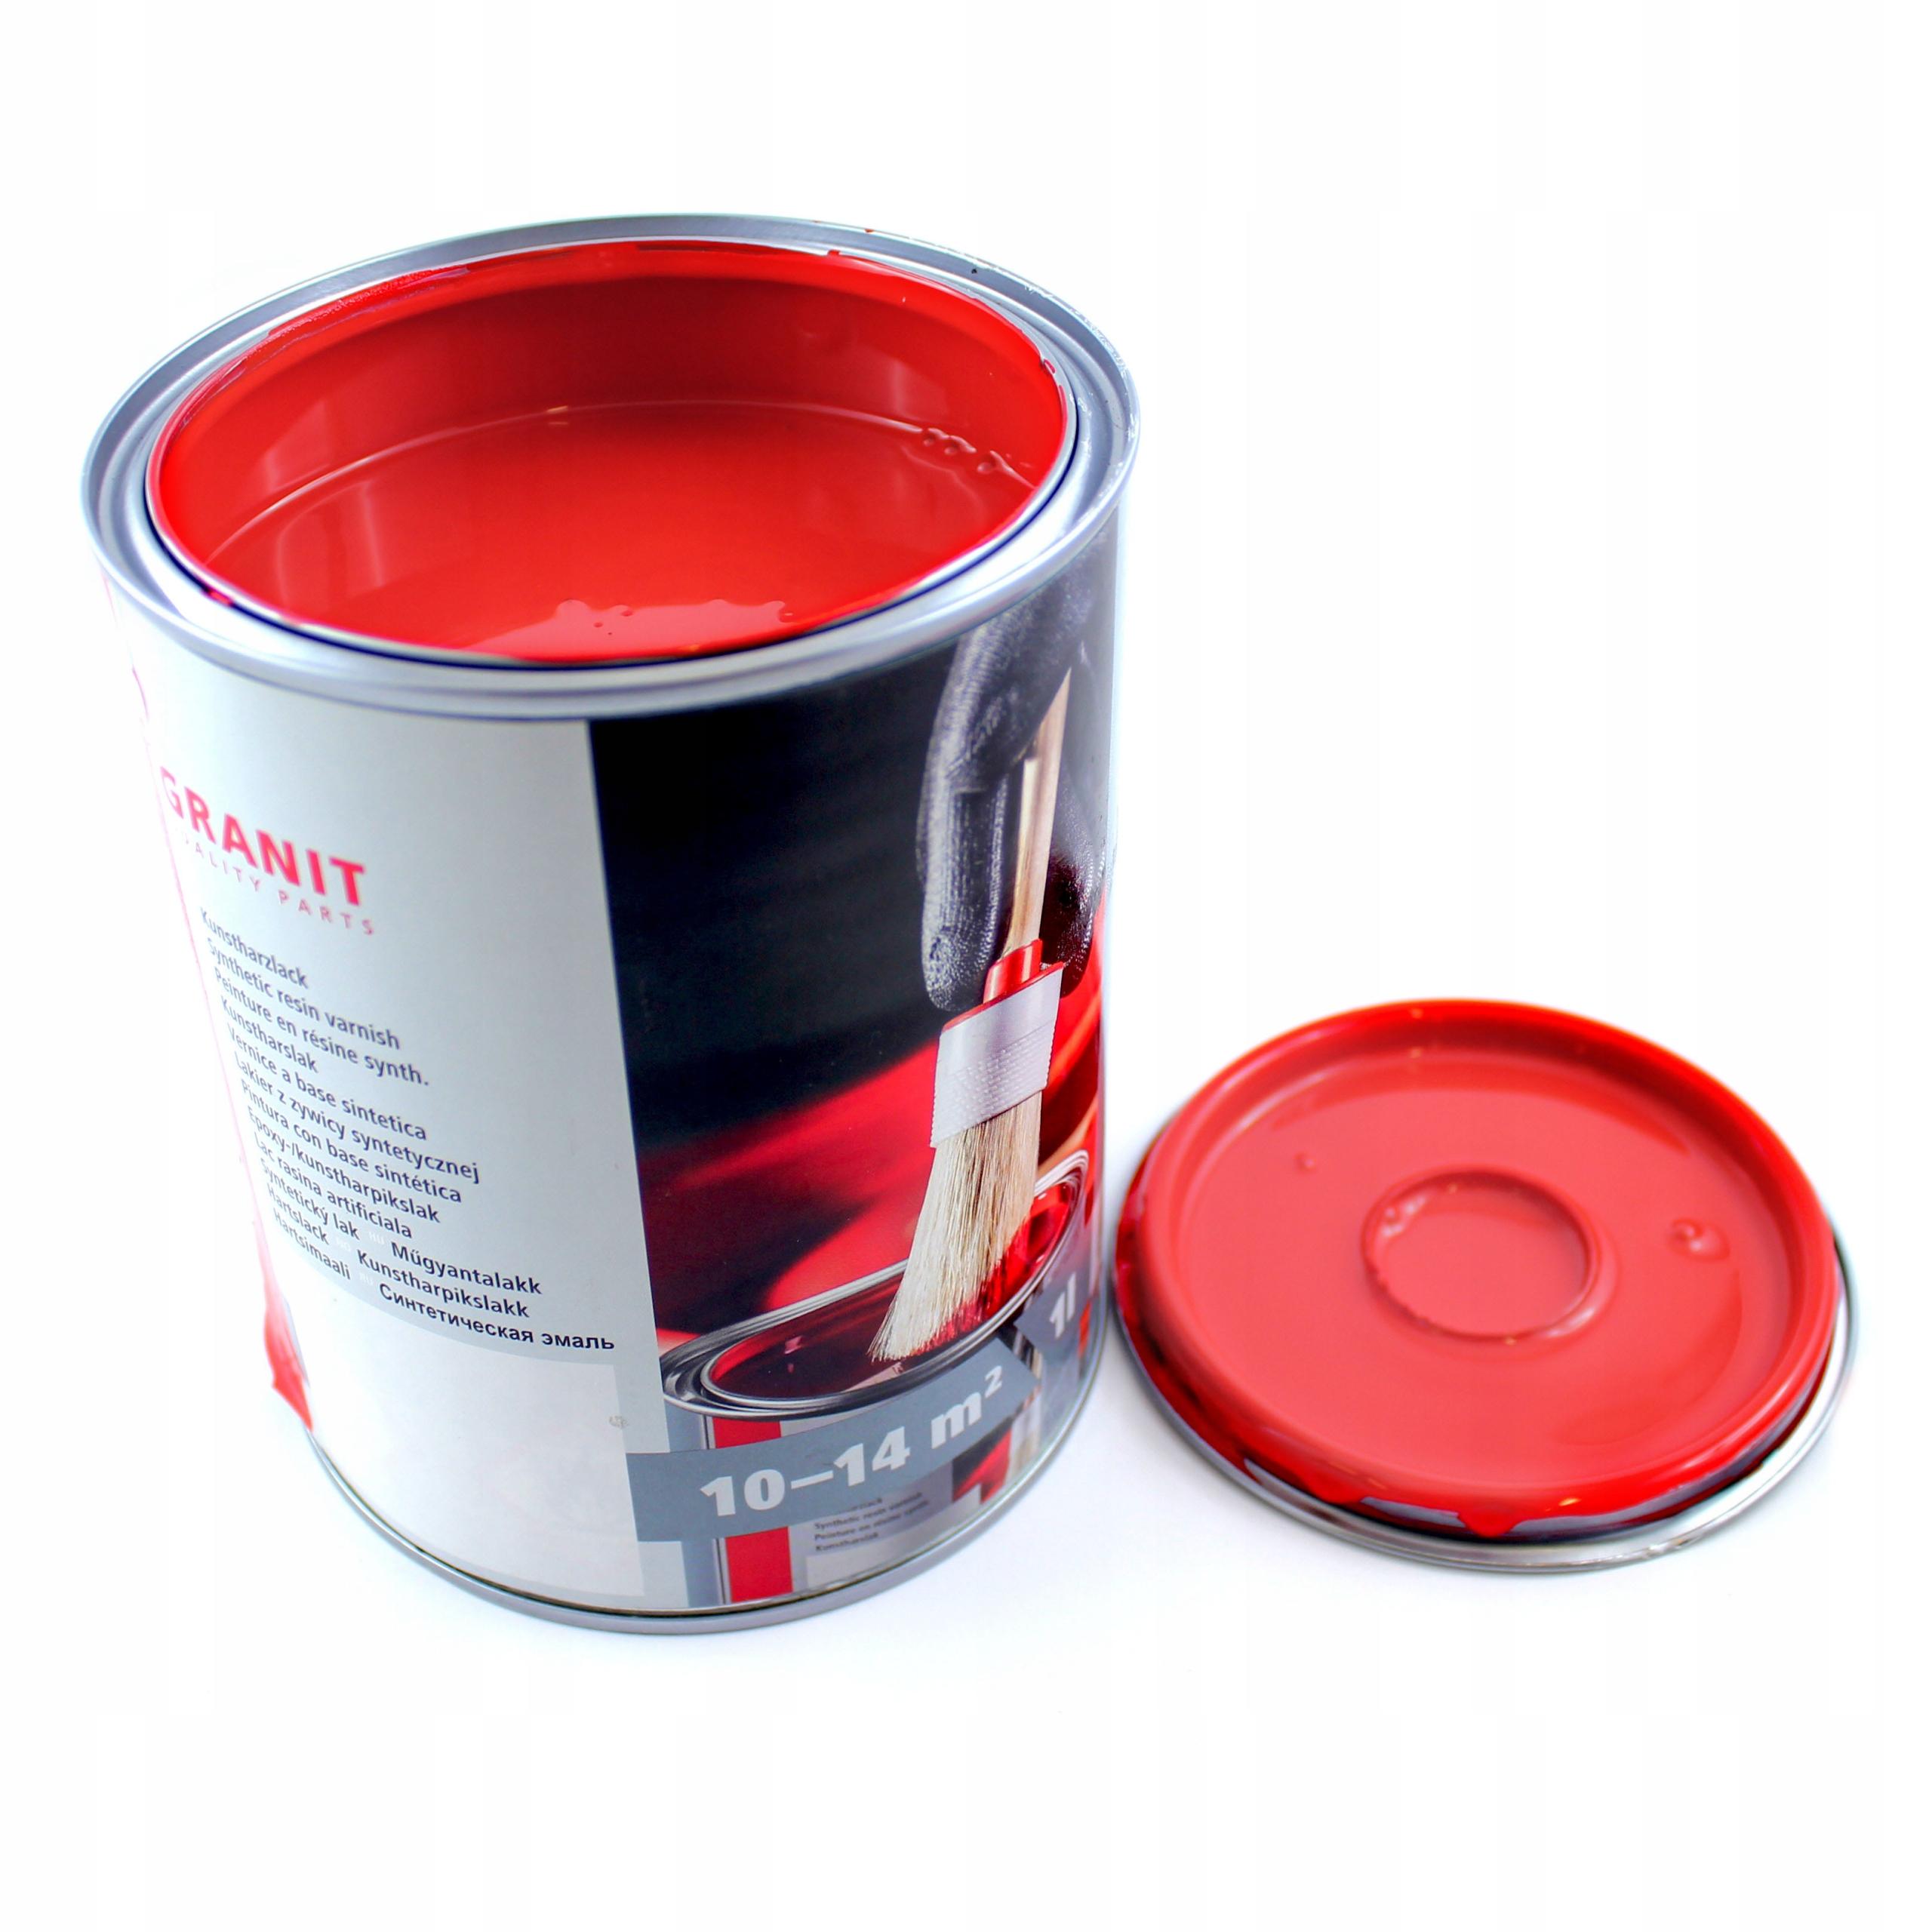 Nopolux краска с оттенком RAL 3020 красный предупреждающий объем упаковки 1000 мл